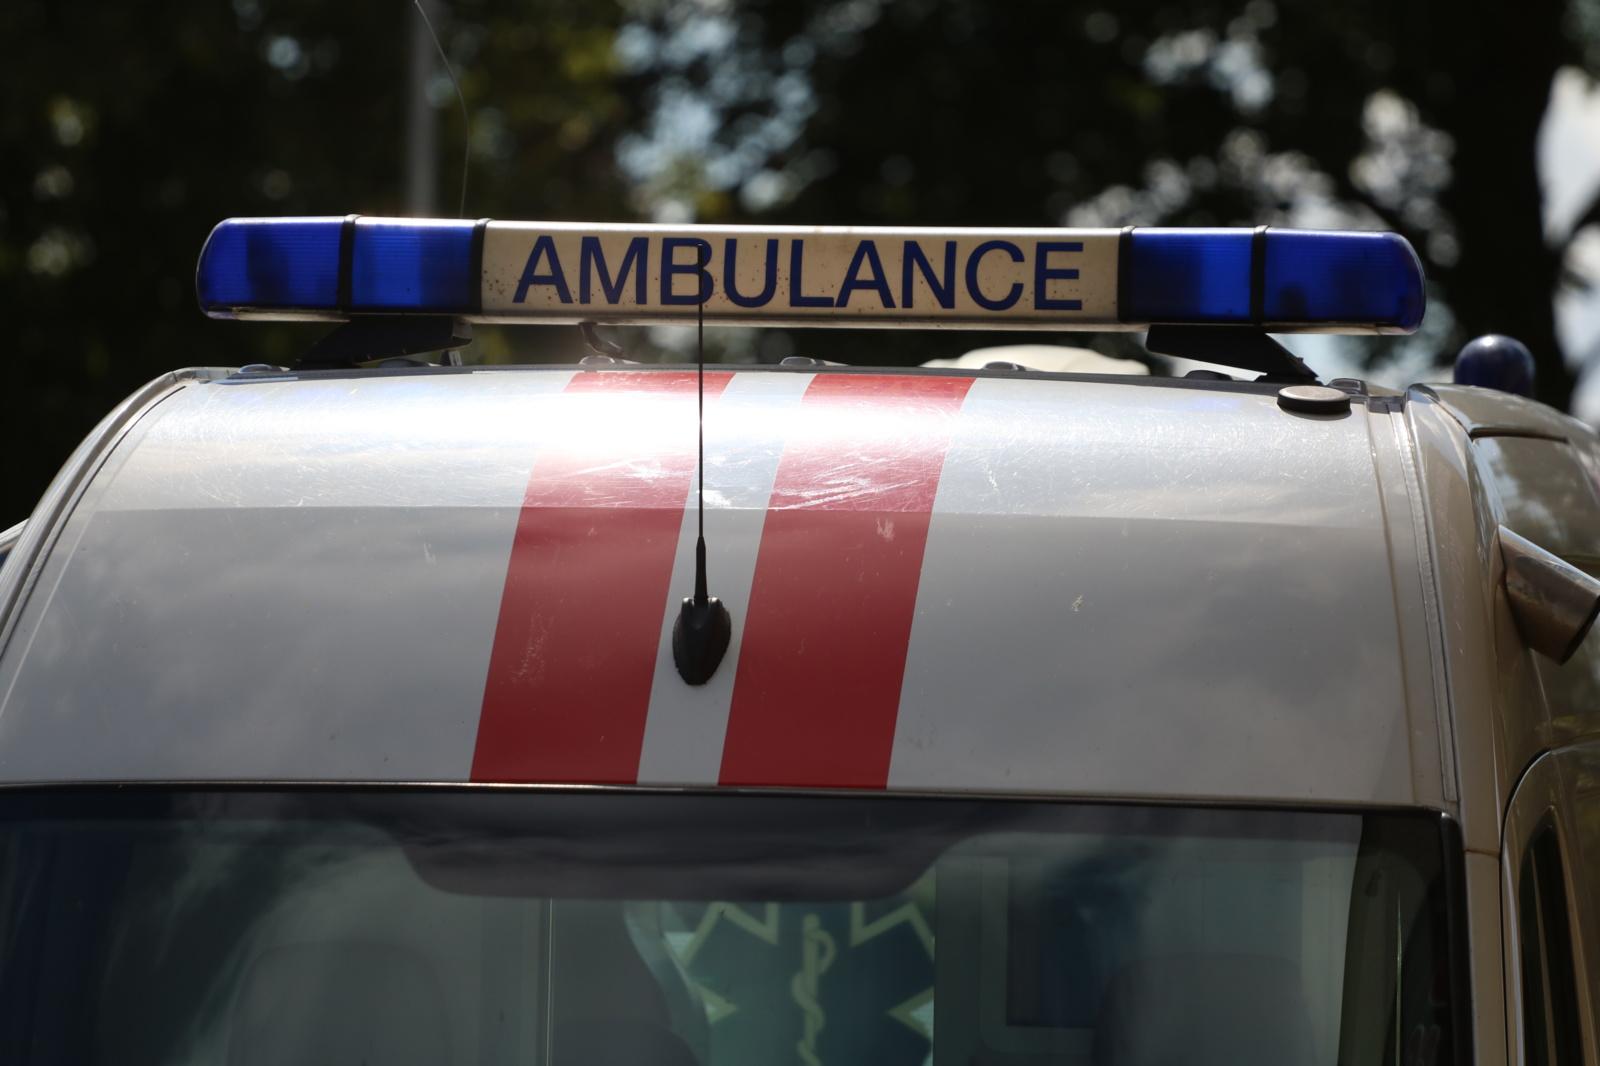 Mirė per avariją Šilalėje sužeistas vyras